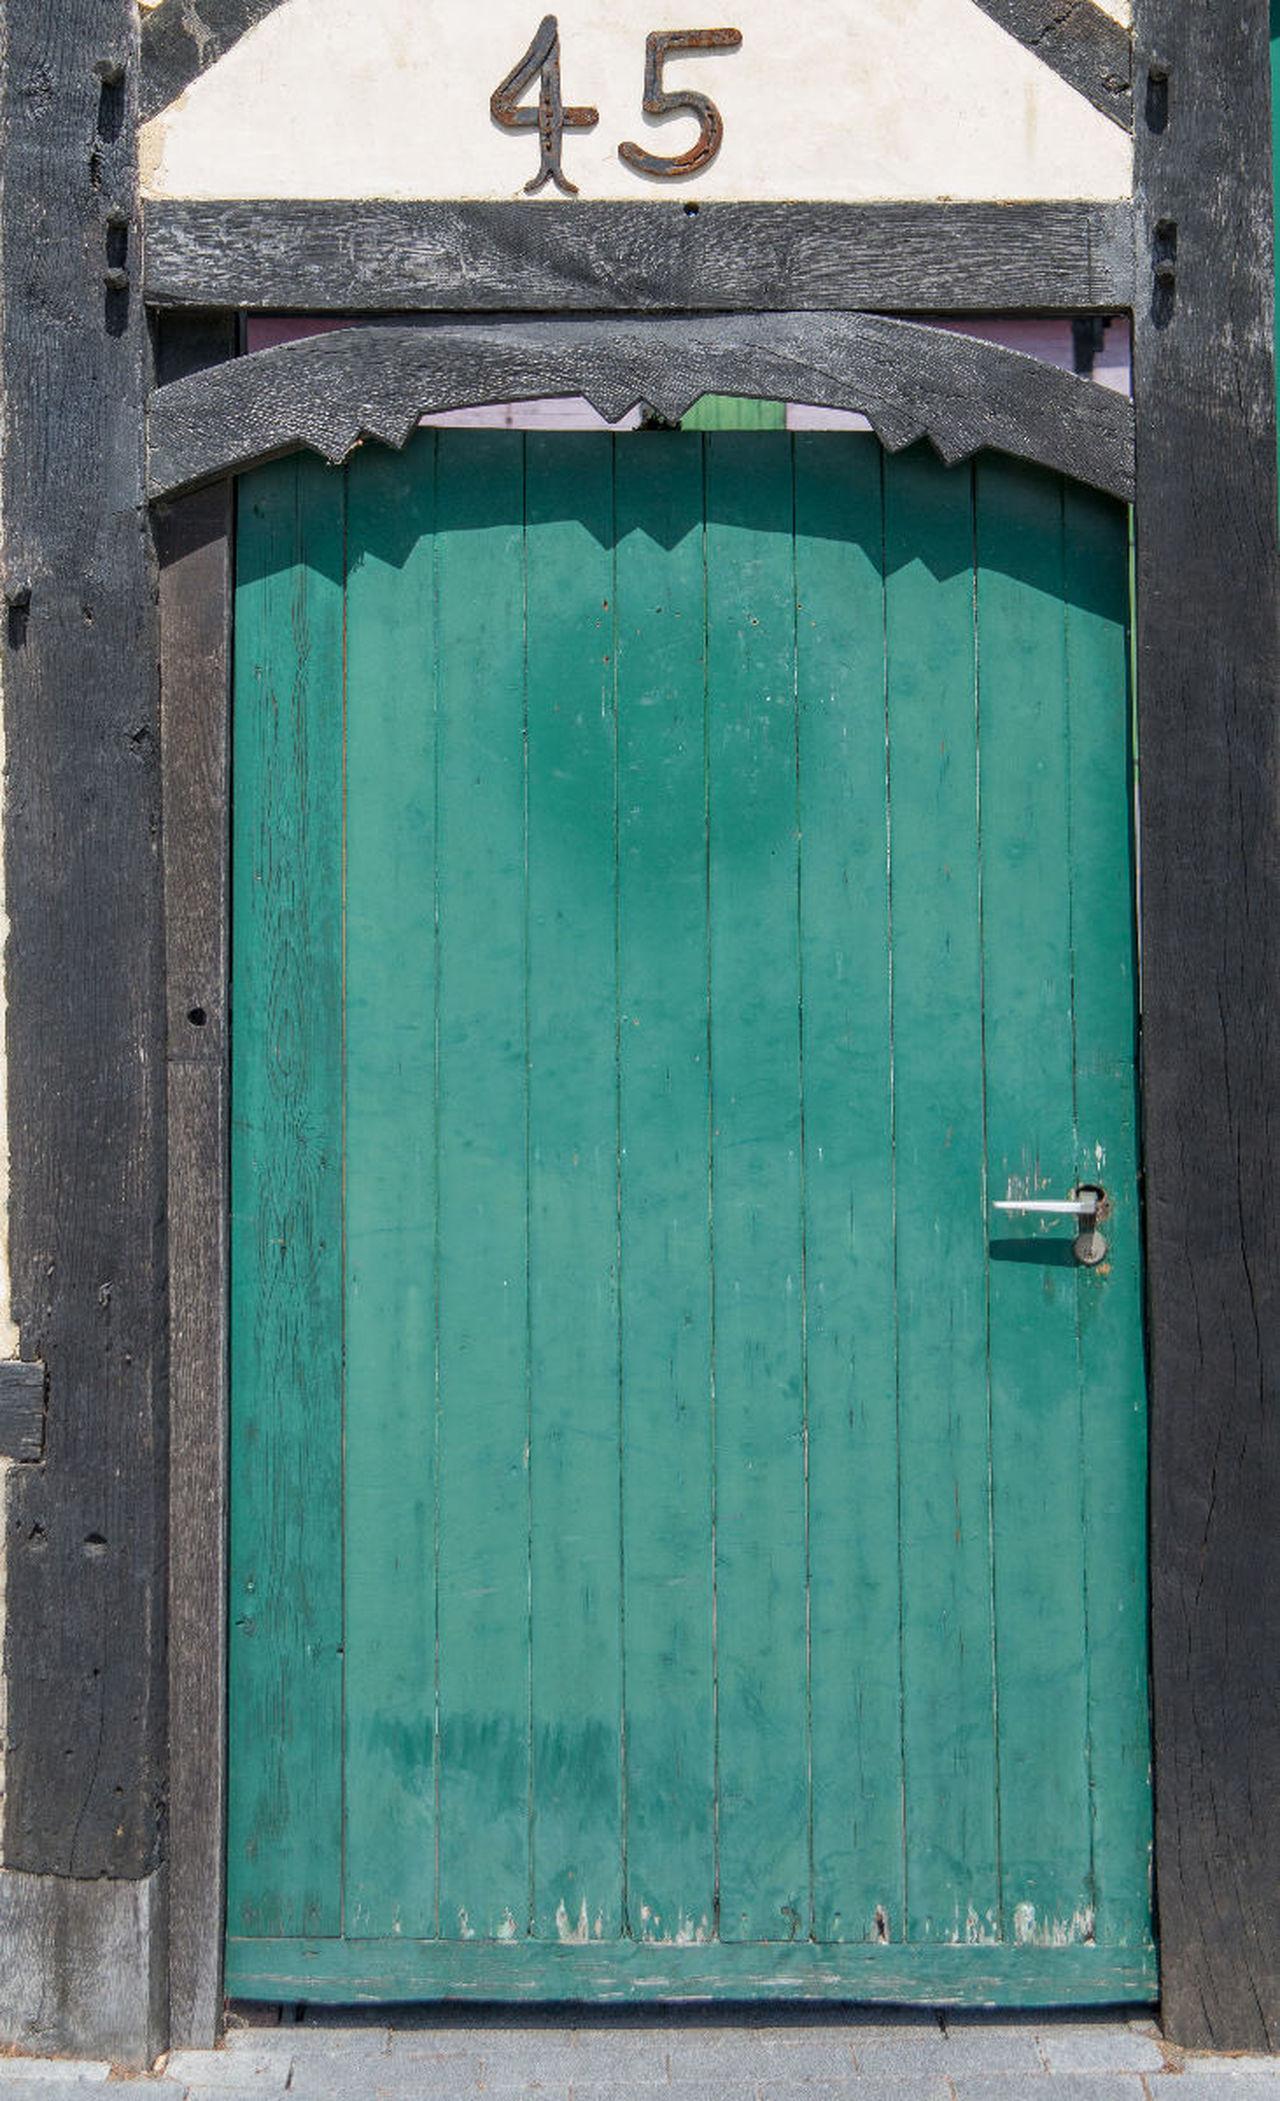 45 Door Fachwerk Pforte Timbering Tür